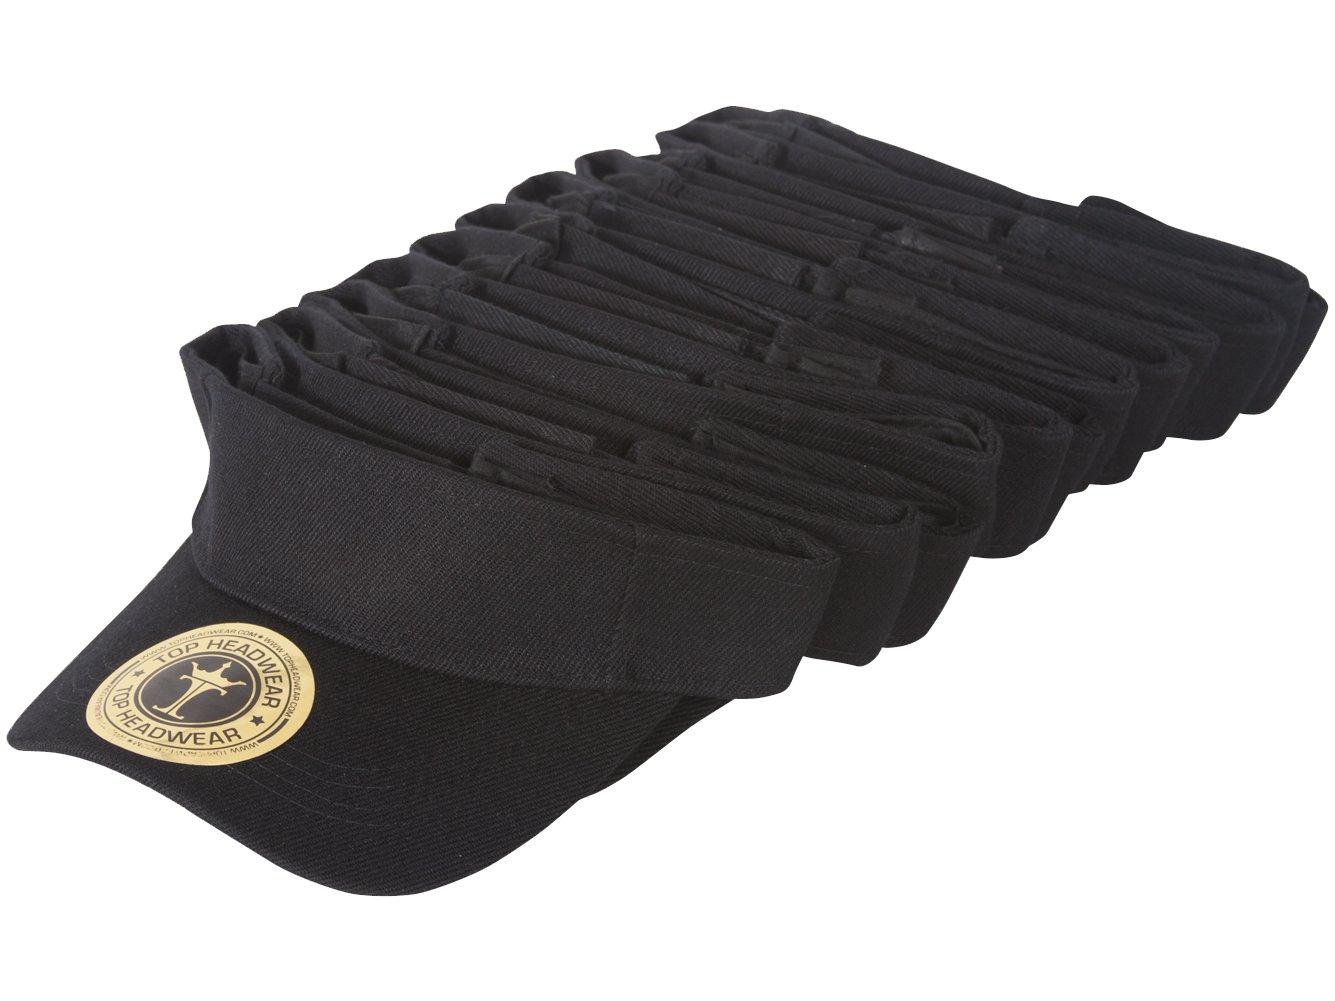 TopHeadwear 12 Pack Youth Size Sun Visor - Black by TOP HEADWEAR